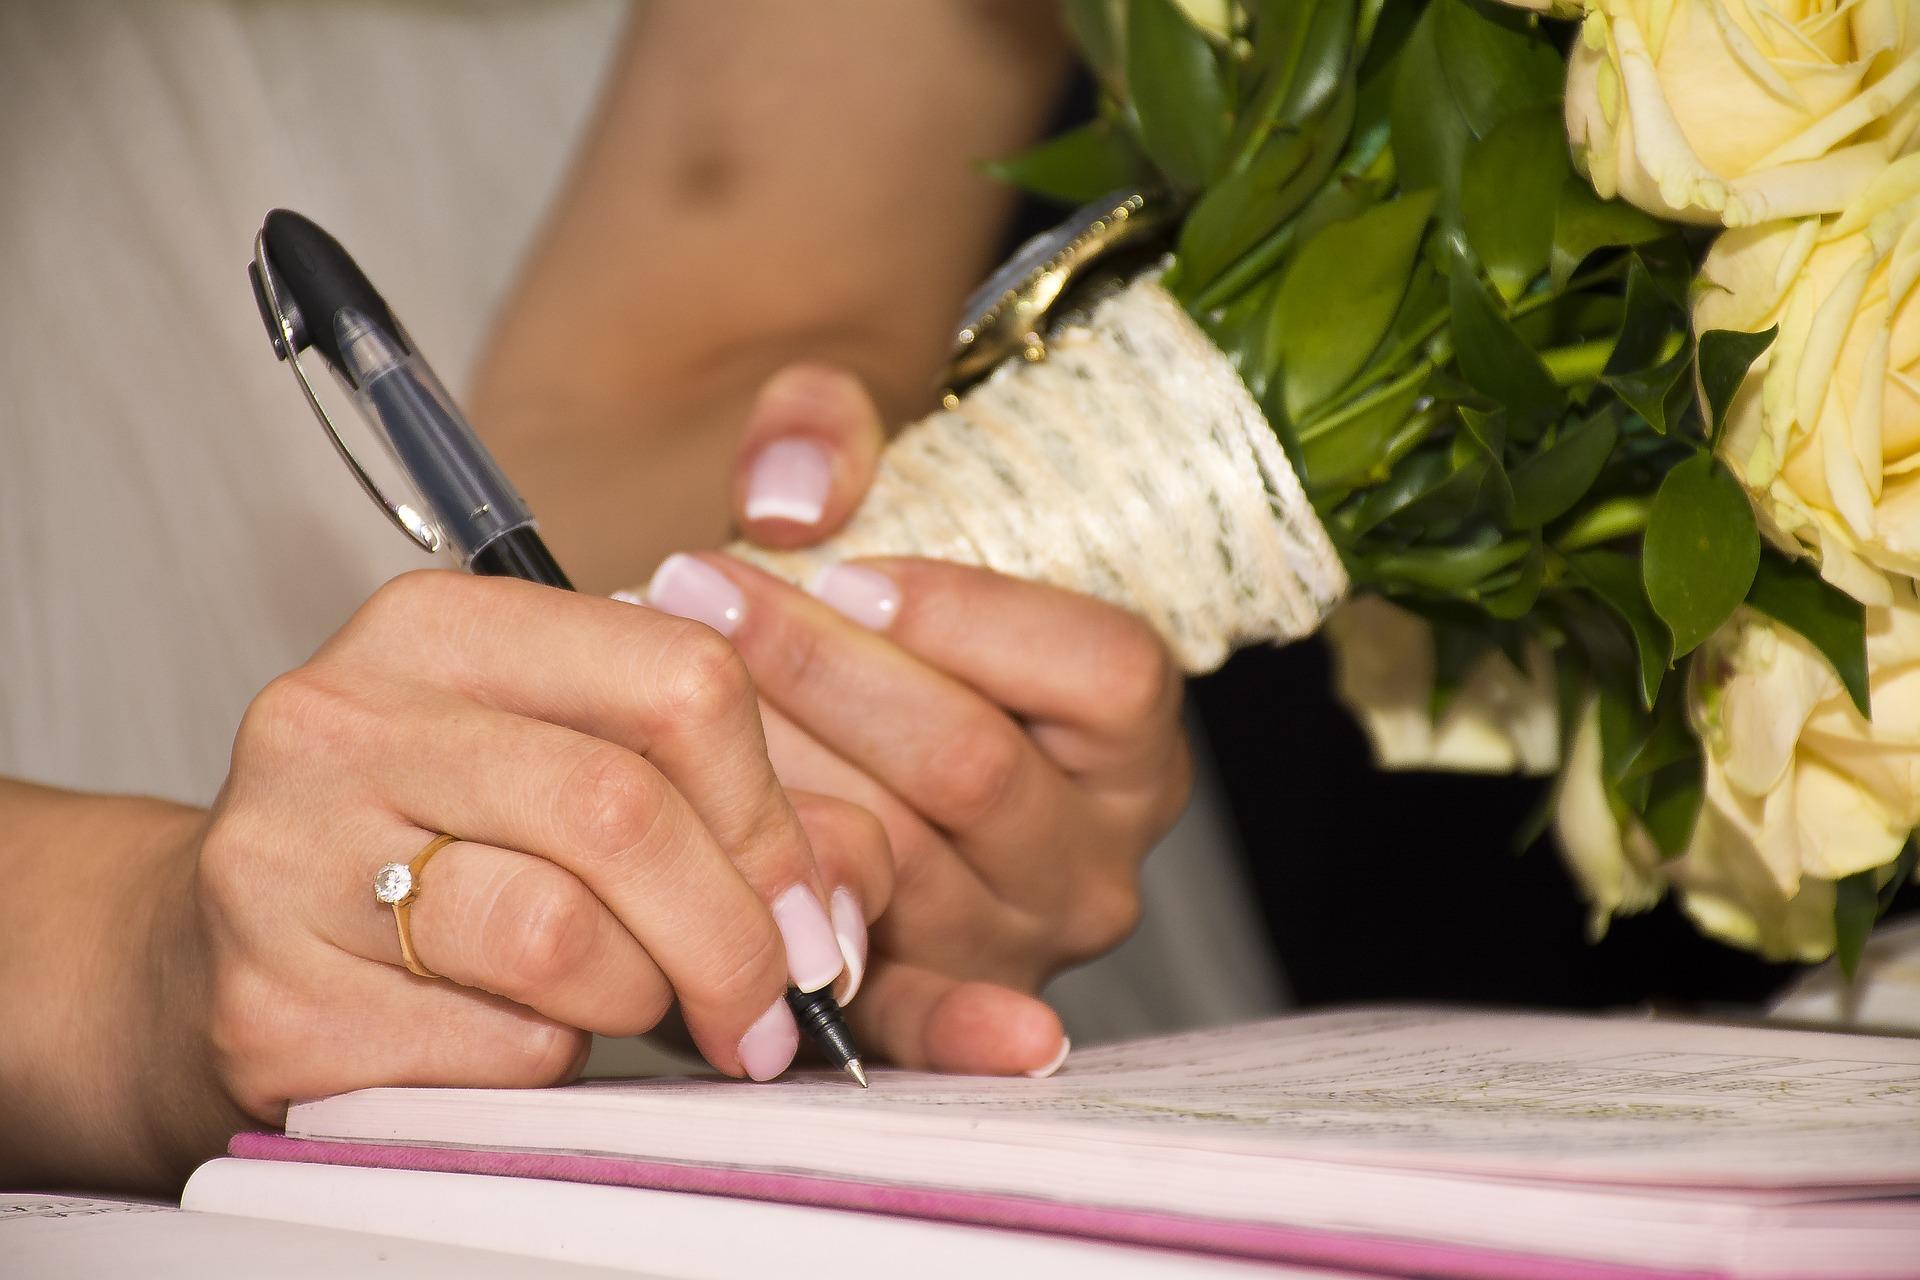 Vergütung für die alleinige Nutzung der Ehewohnung